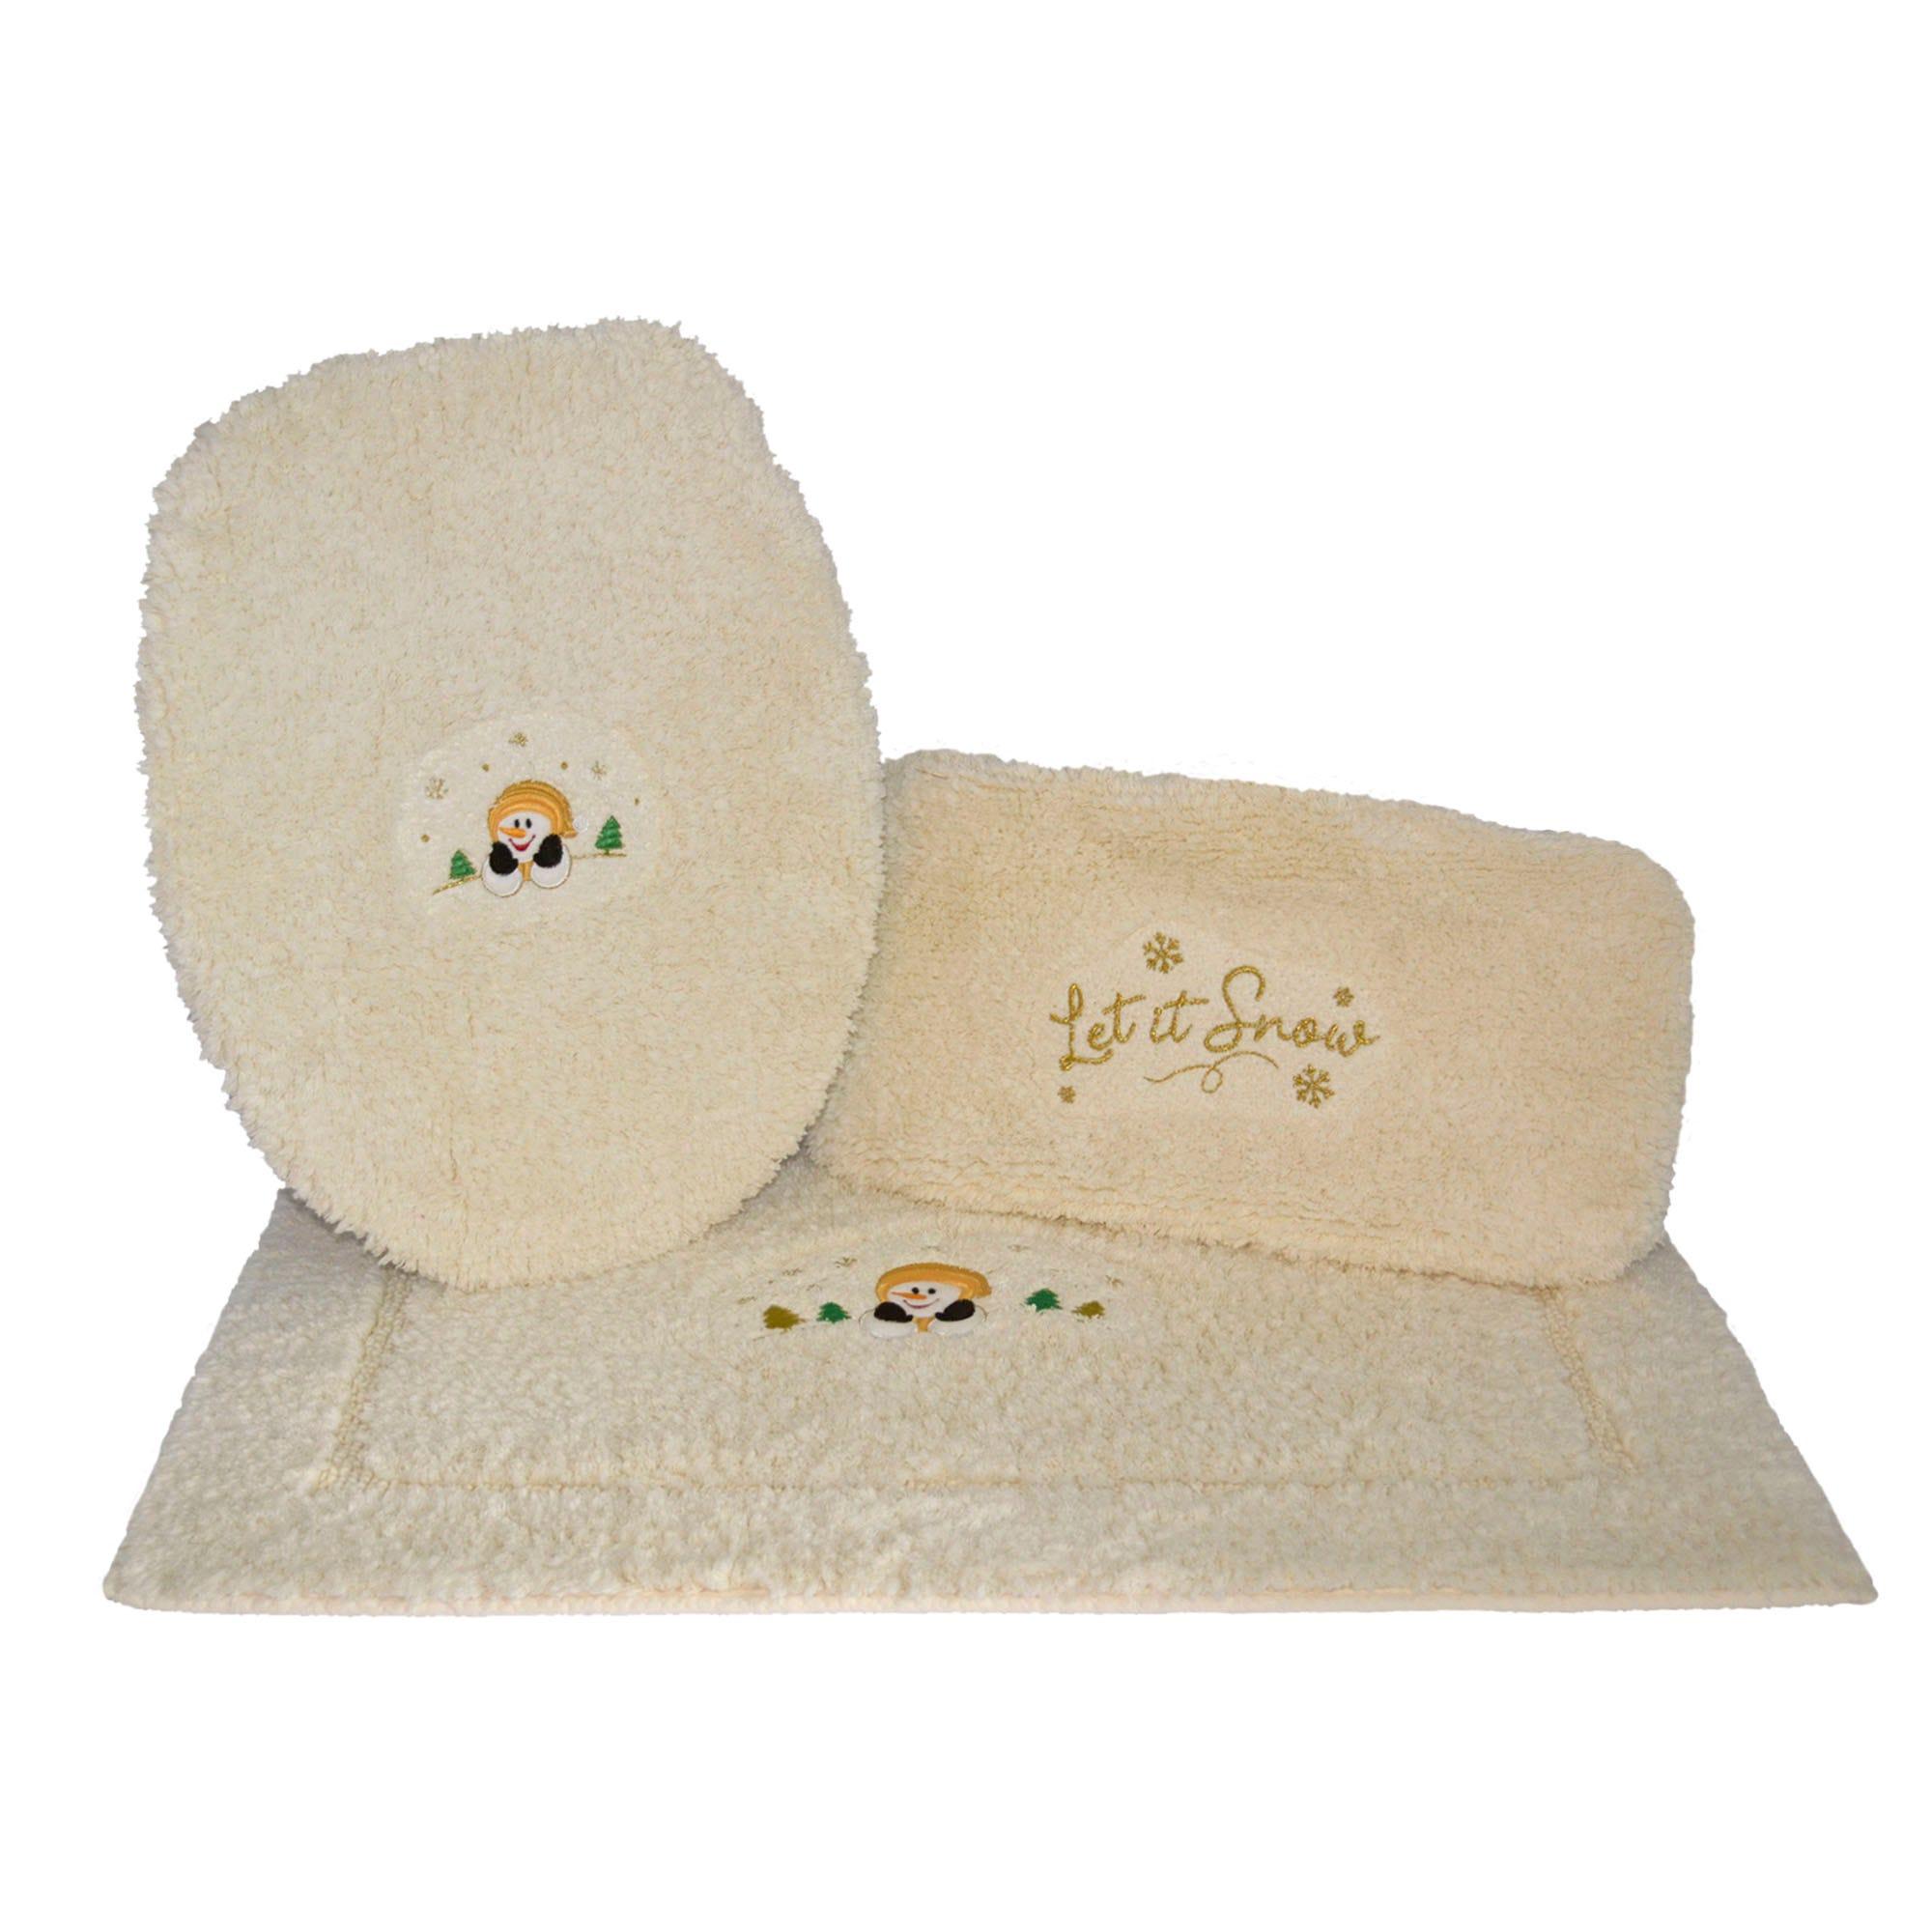 Juego de tapetes para baño Let it Snow en beige, 3 piezas